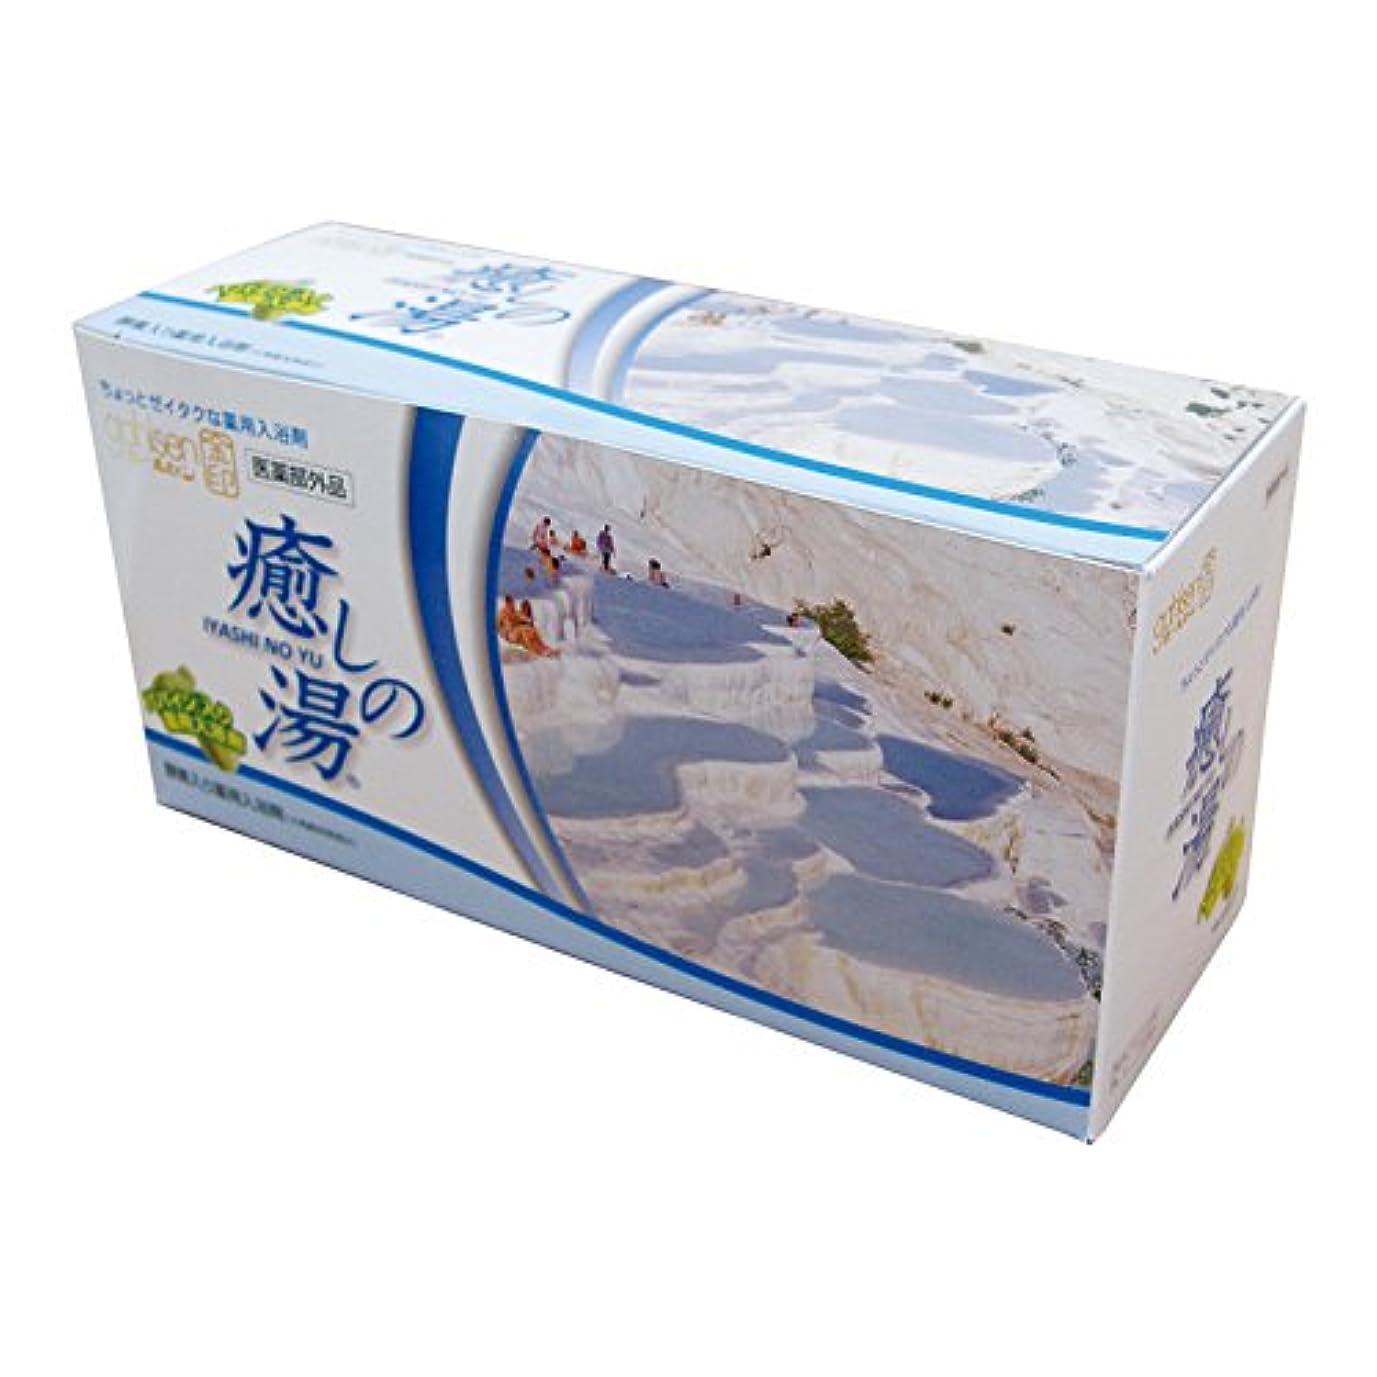 基準サポート放射するBath Terminal 【入浴剤】ガールセン 癒しの湯 金印 30包入【日本生化学正規代理店】